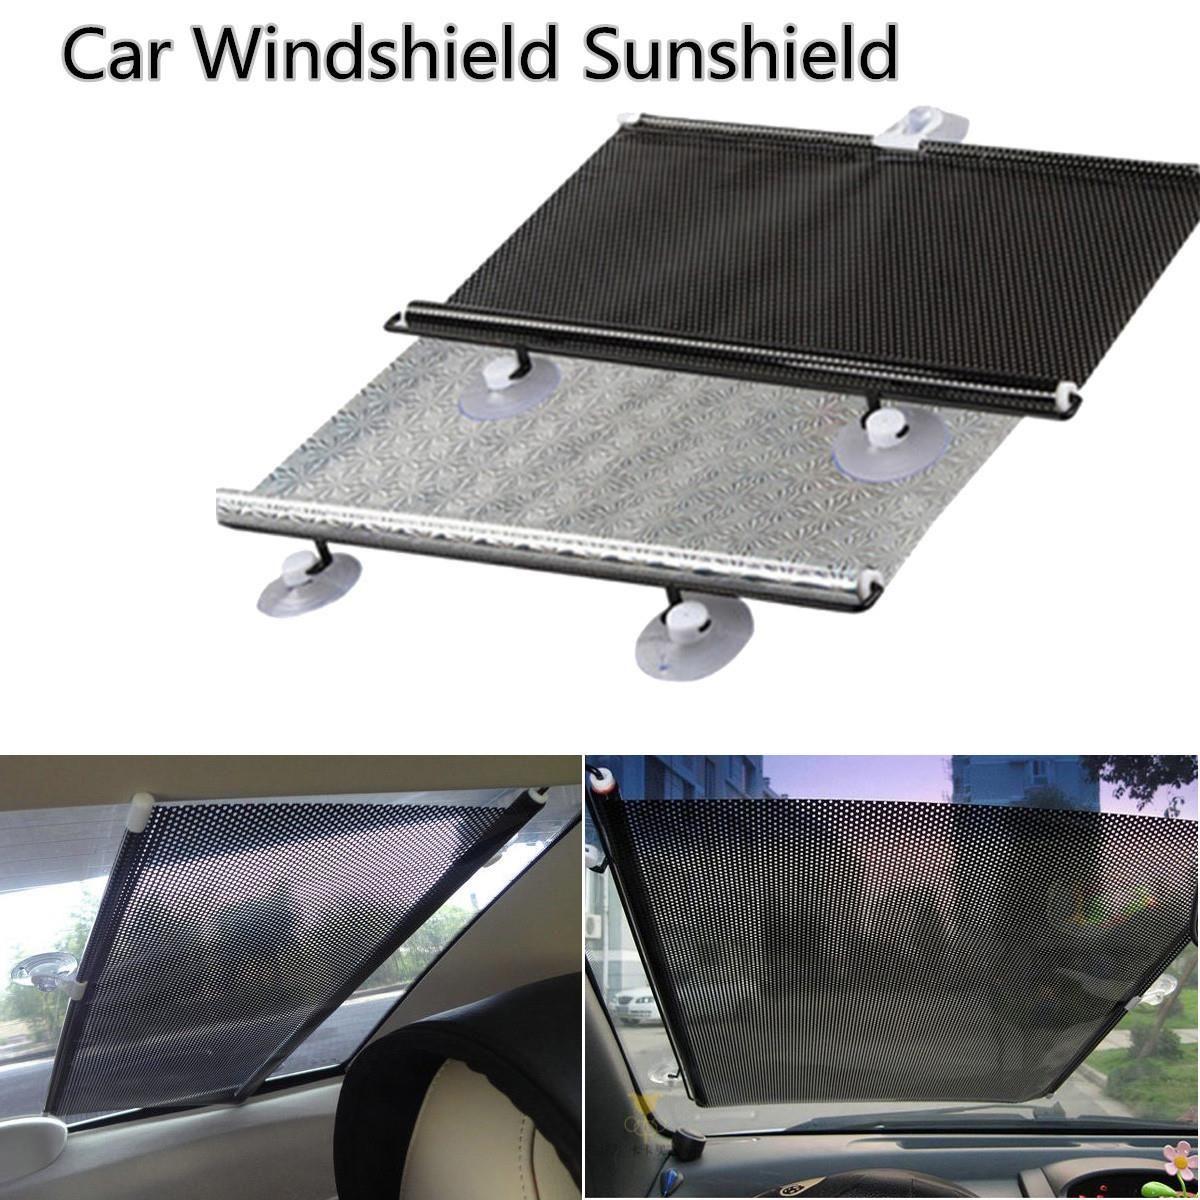 Grande taille rouleau stores Auto voiture rétractable rideau fenêtre pare-brise pare-soleil avant arrière côté pare-soleil bouclier extérieur